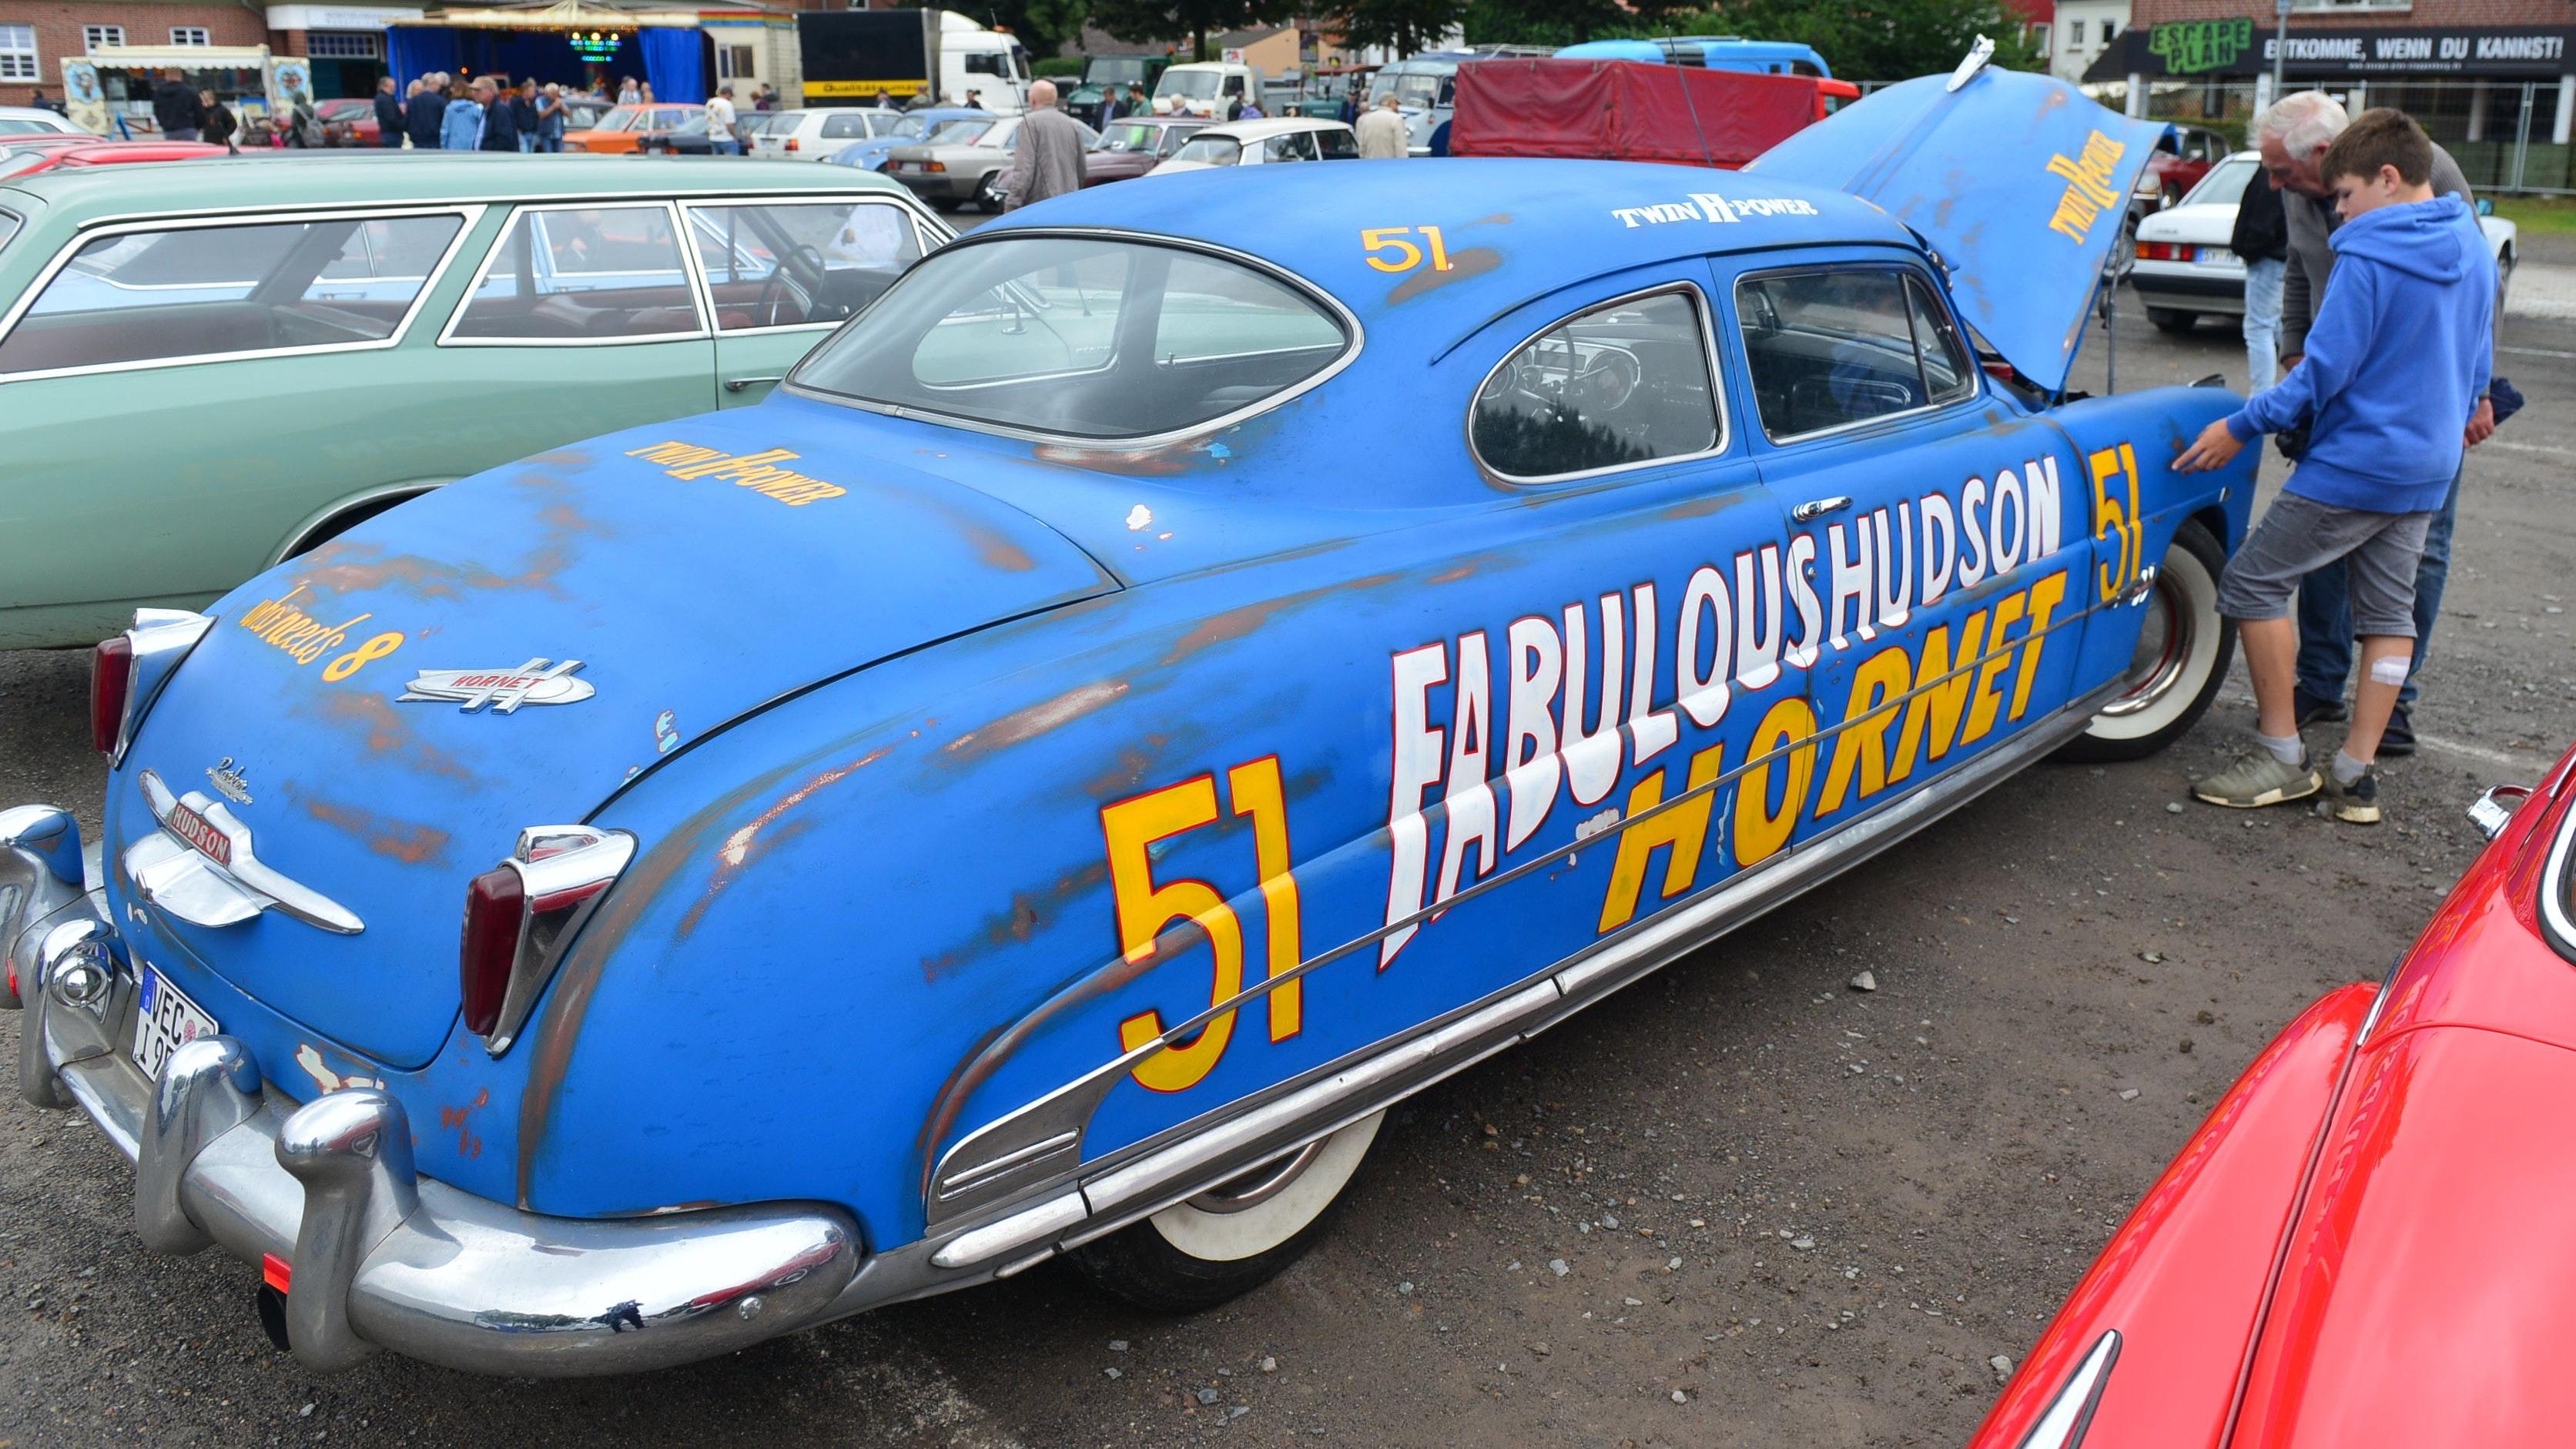 Ein Modell der Oberklasse war der Hudson Hornet, auch Hornisse genannt. Der Wagen wurde im Zeitraum von 1951 bis 1954 in Detroit (USA) produziert. Foto: Heidkamp